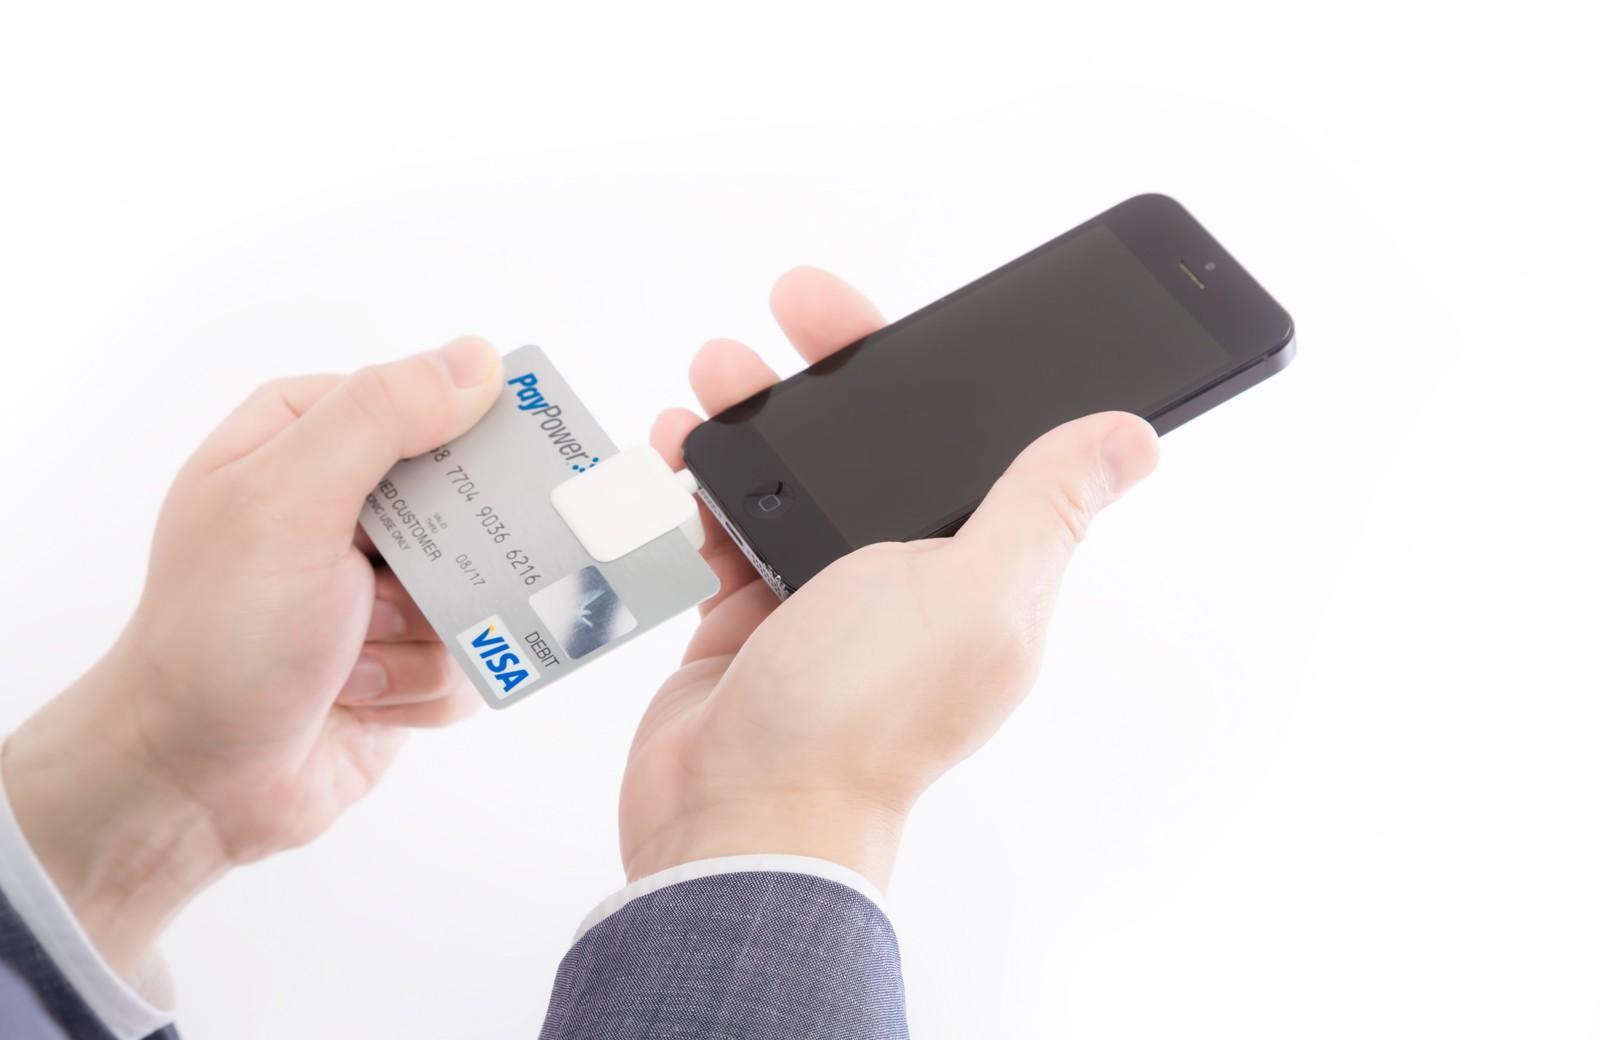 クレジットカードを紛失・盗難され、不正利用された場合の保証についての解説